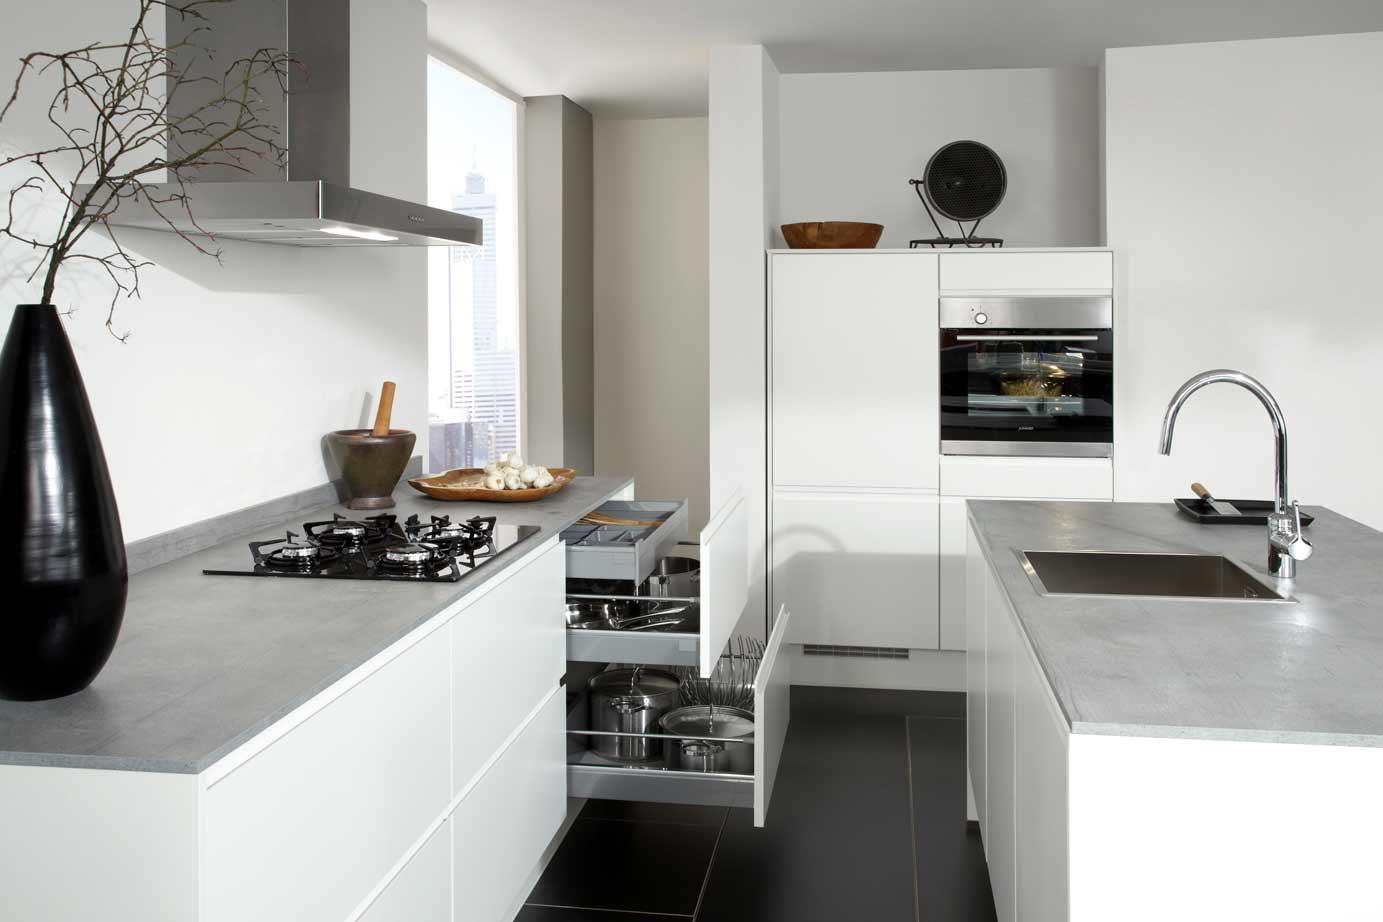 Keuken Ontwerpen Tips : keuken ontwerpen om alvast over na te denken om tot goede ontwerpen te